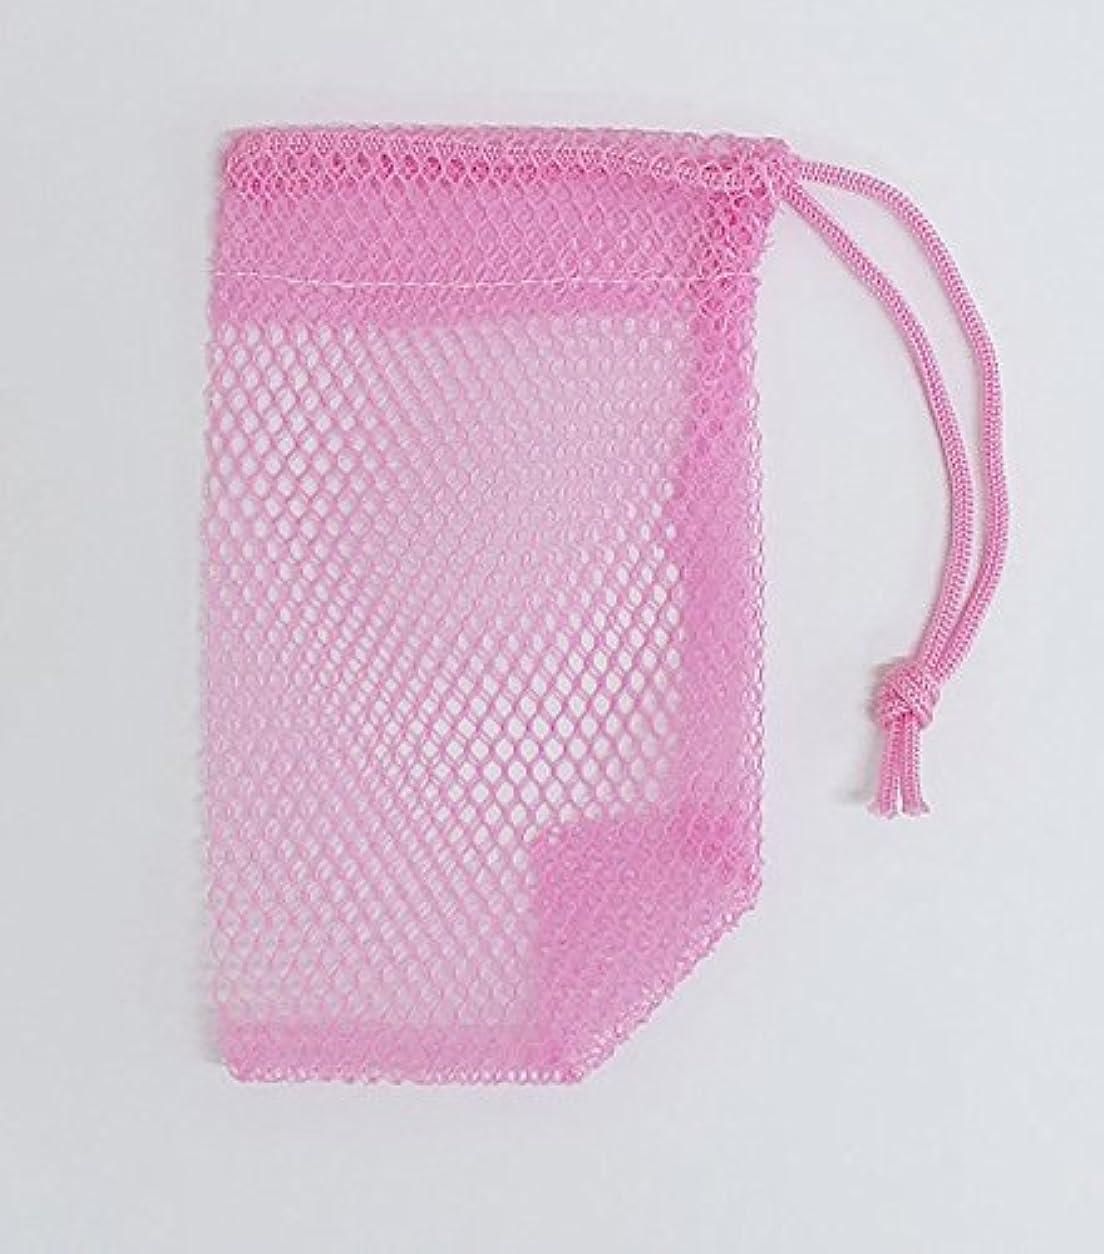 略奪さびたドロップ石けんネット ひもタイプ 20枚組  ピンク